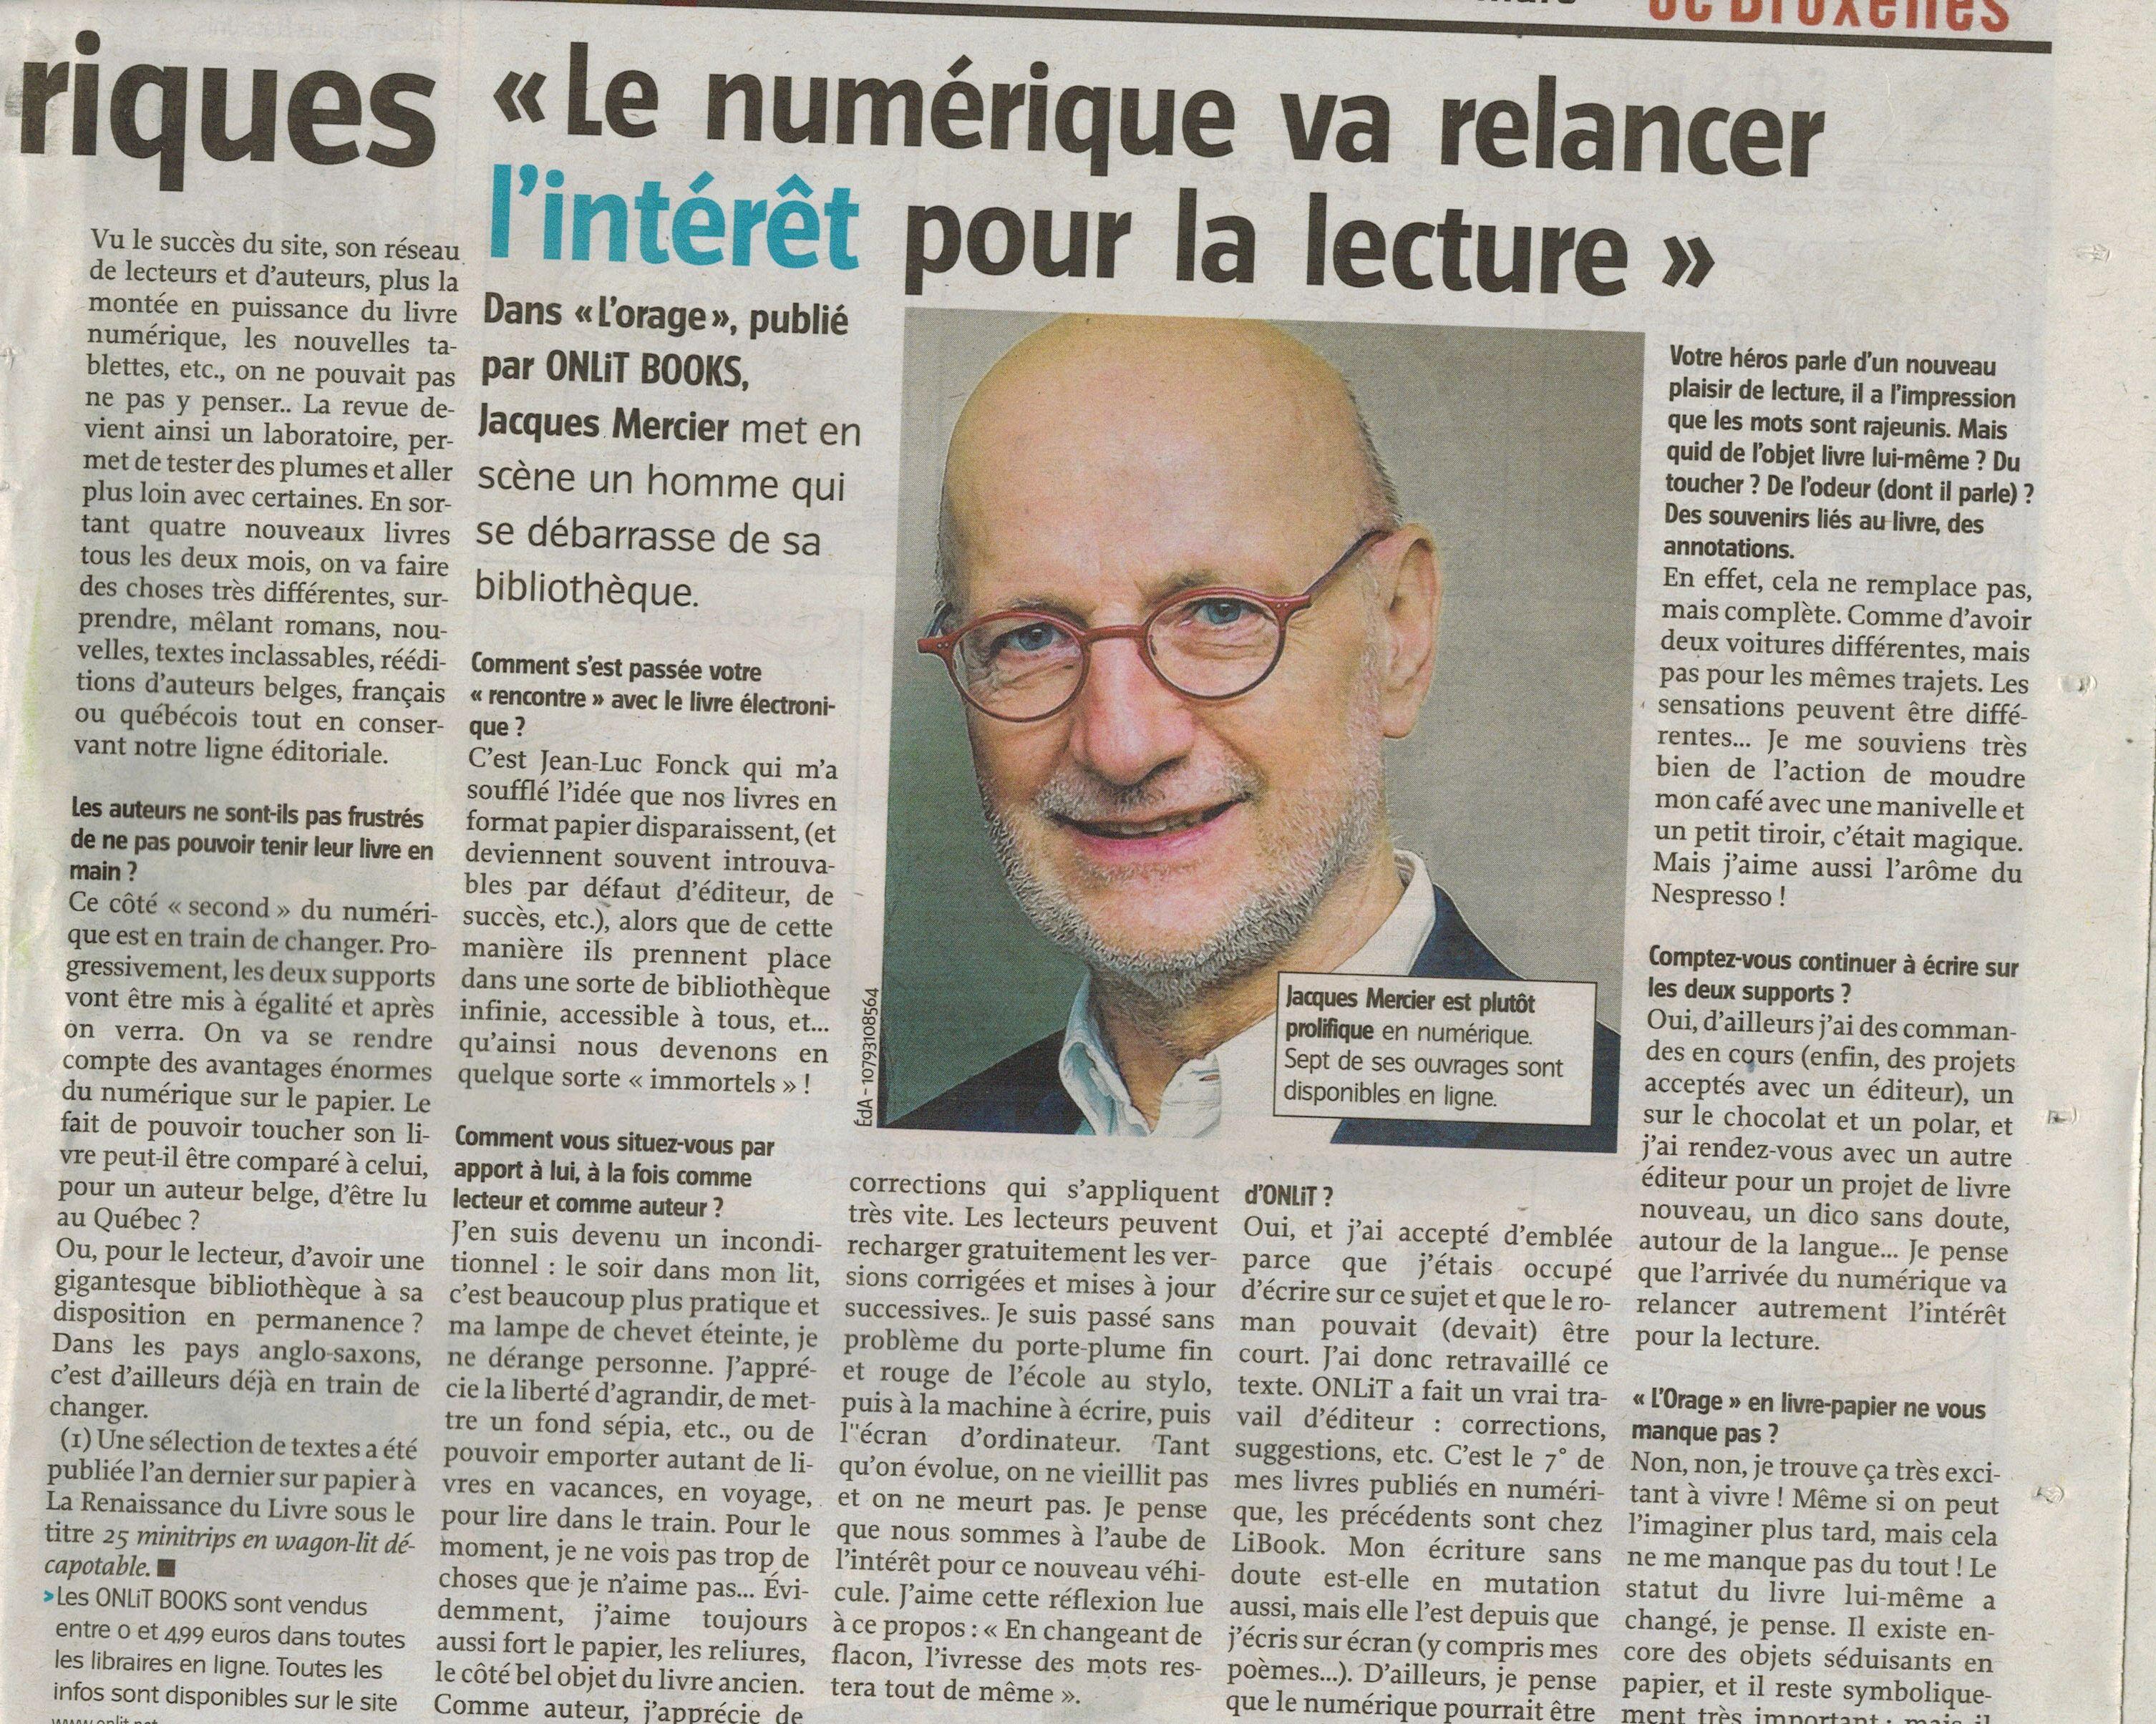 L'Avenir   www.lavenir.net